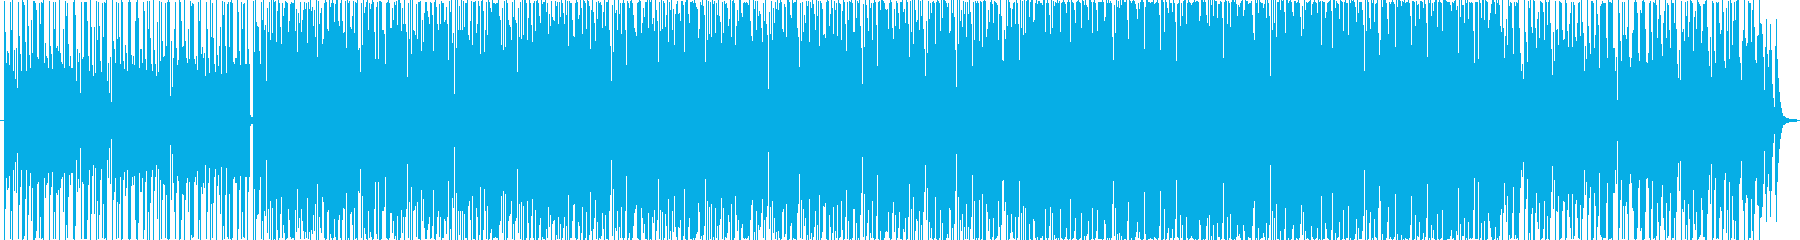 リズミックなエレキギターがメインのBGMの再生済みの波形